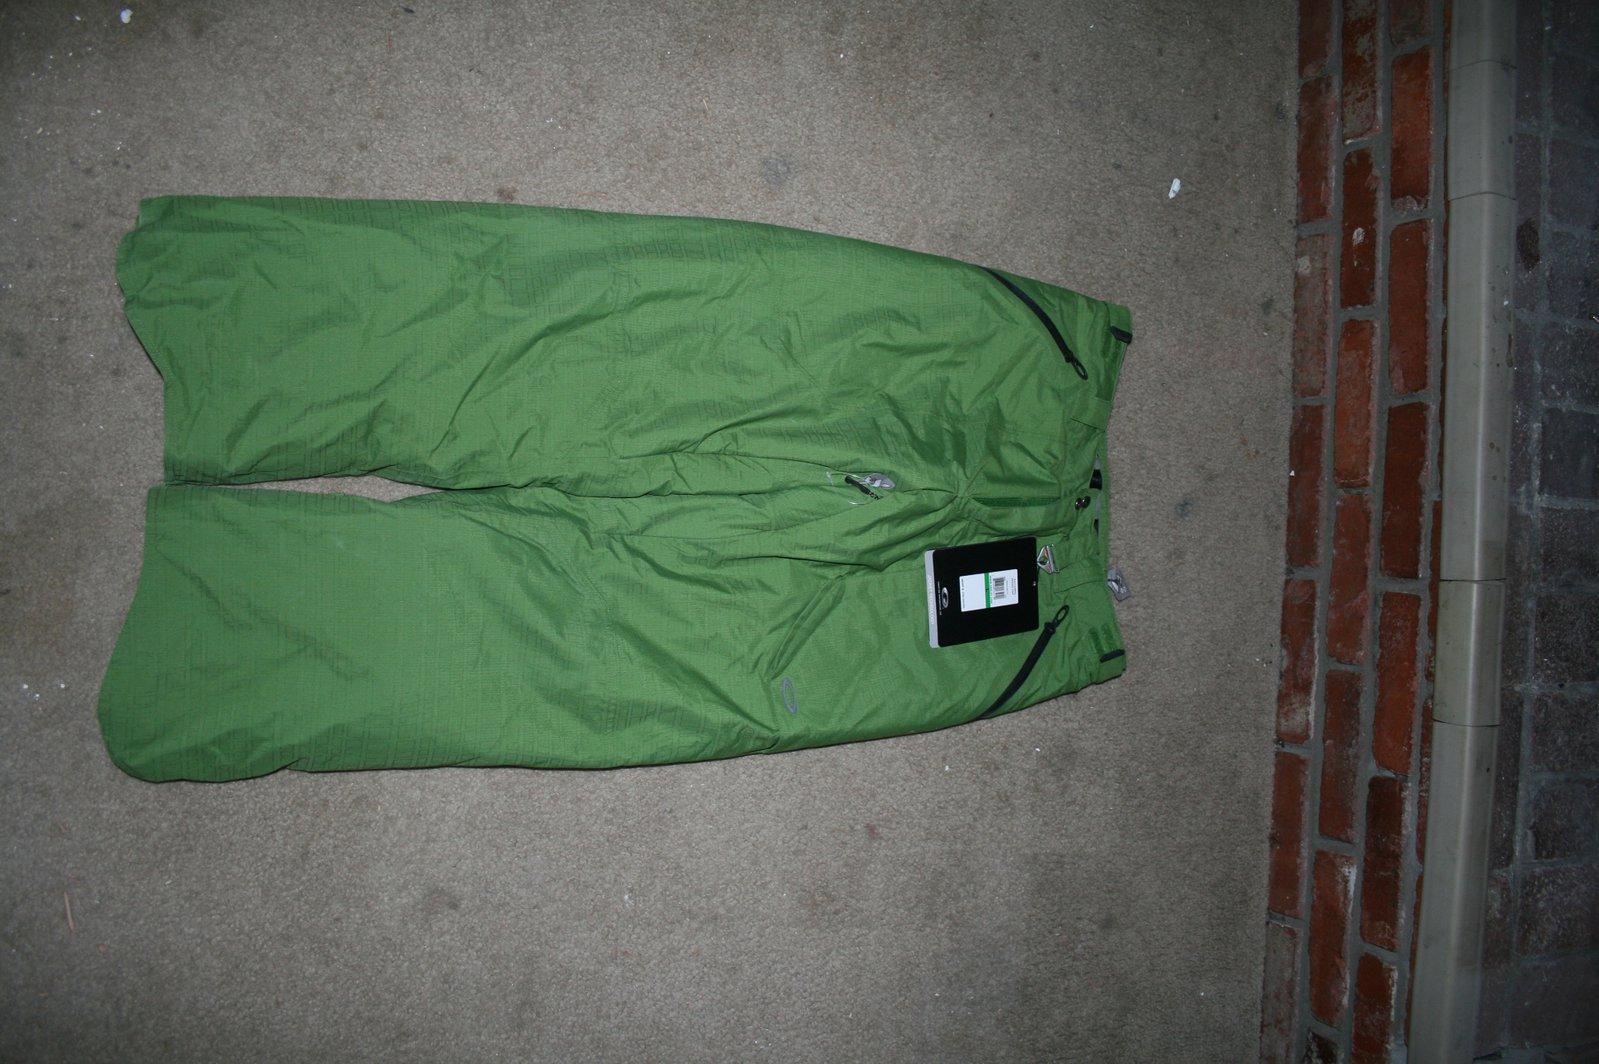 Brigade pants FS